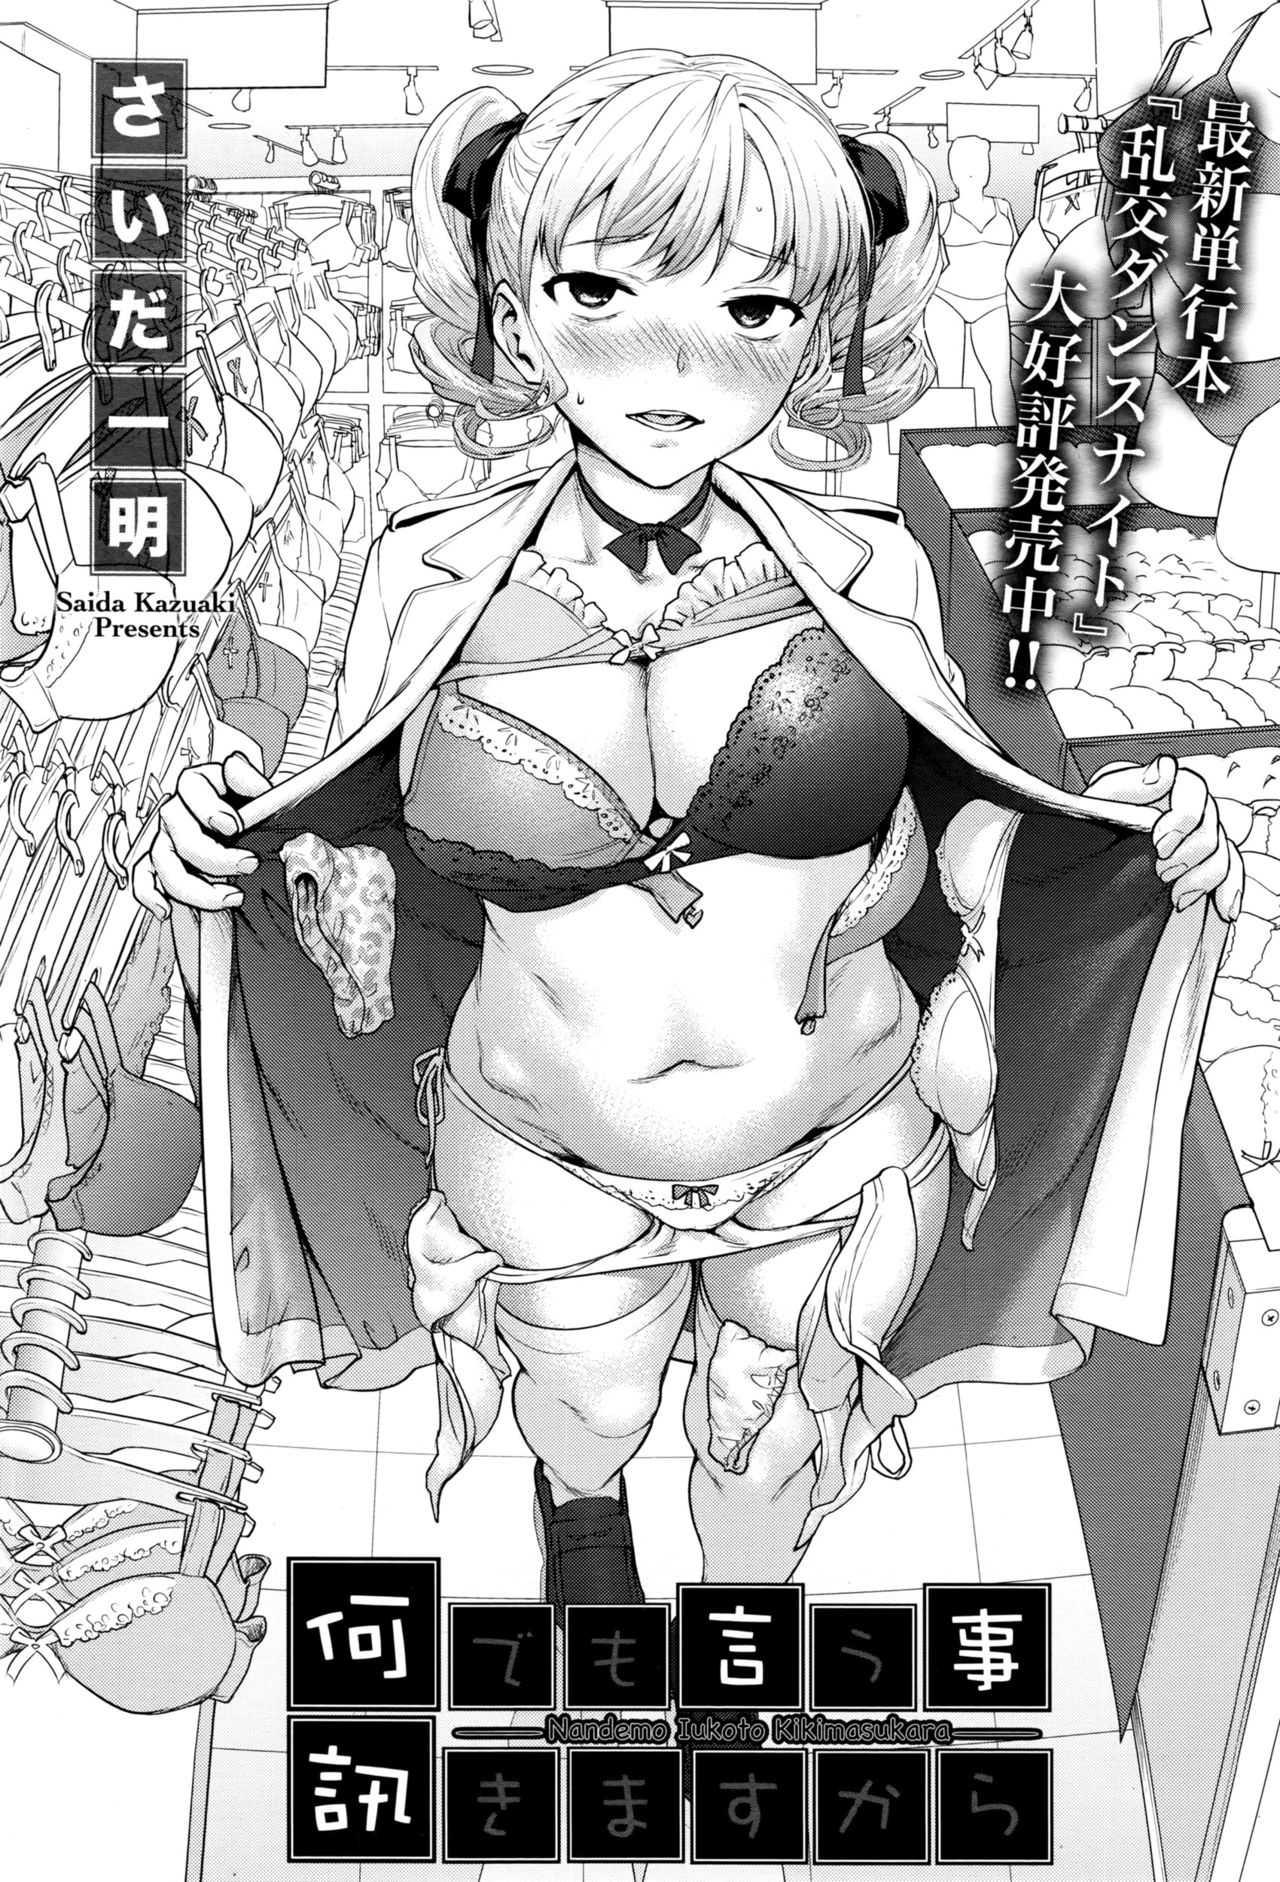 saida-kazuaki-nandemo-iu-koto-kikimasu-kara-angel-club-2016-07